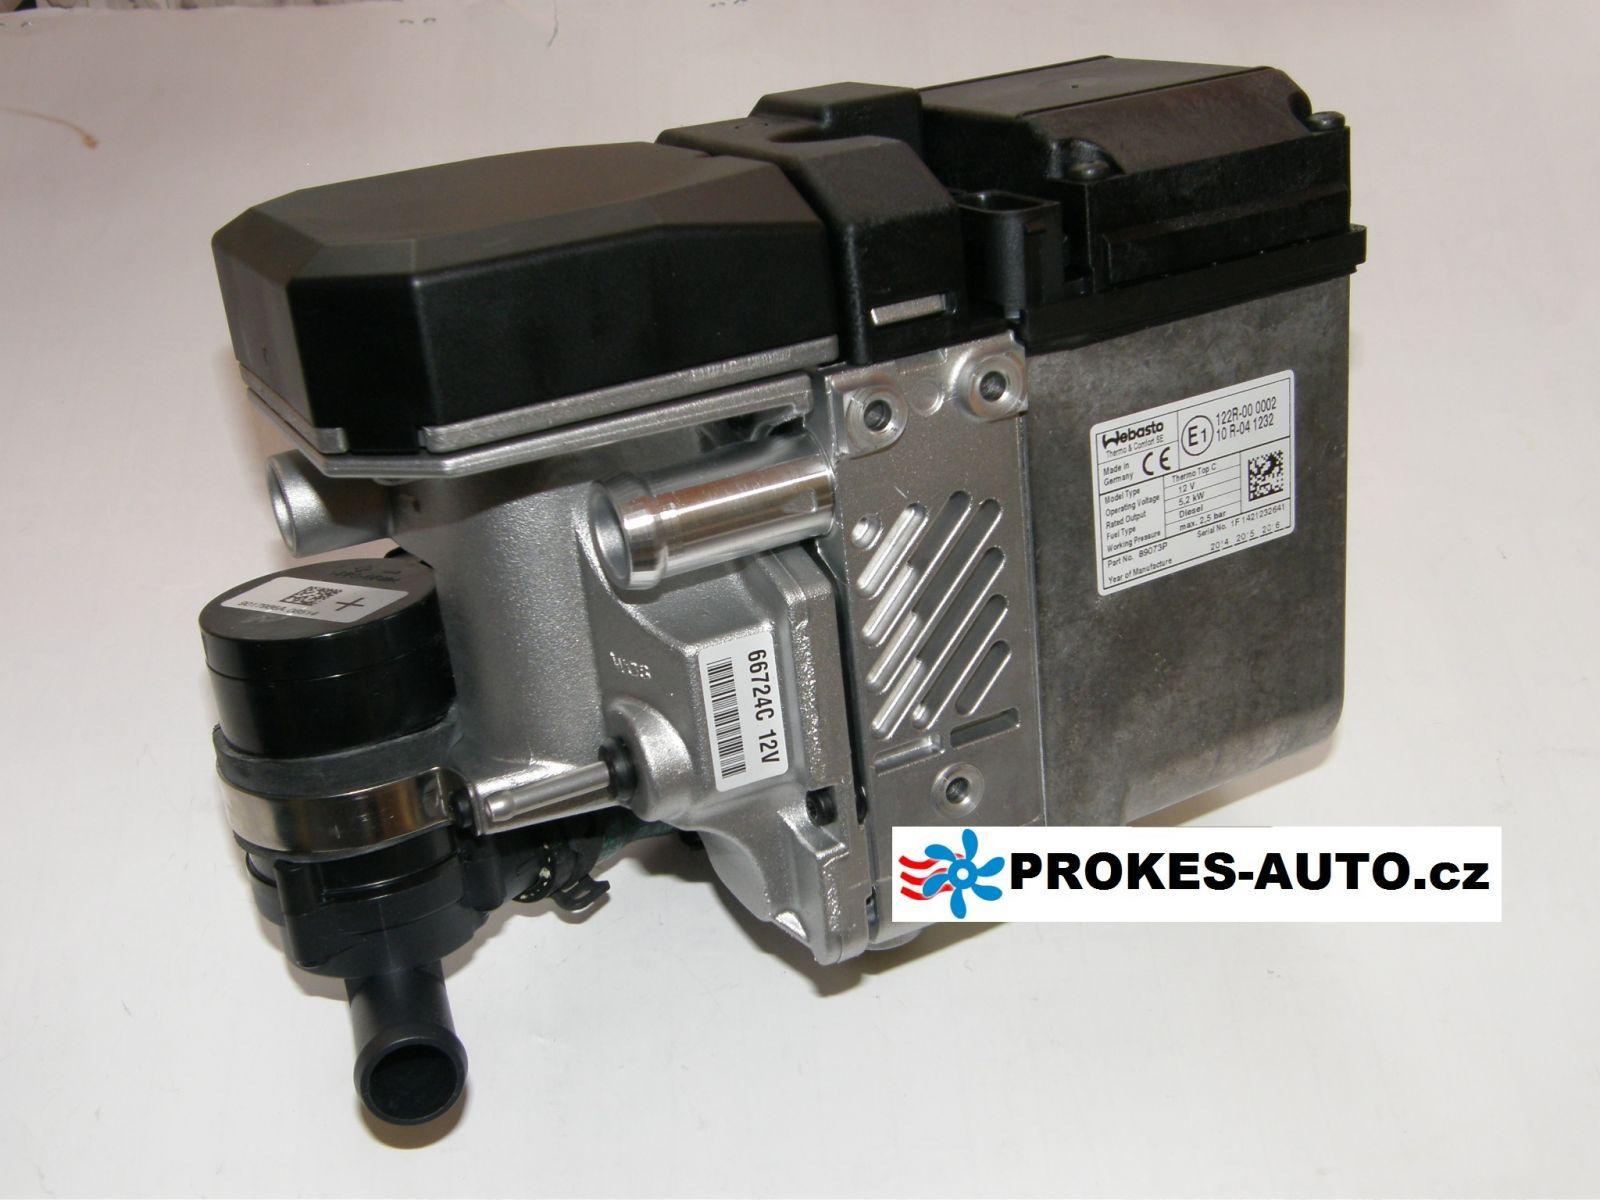 WEBASTO Thermo 50 diesel, 24V, bez ovladače 67014 / 9026553